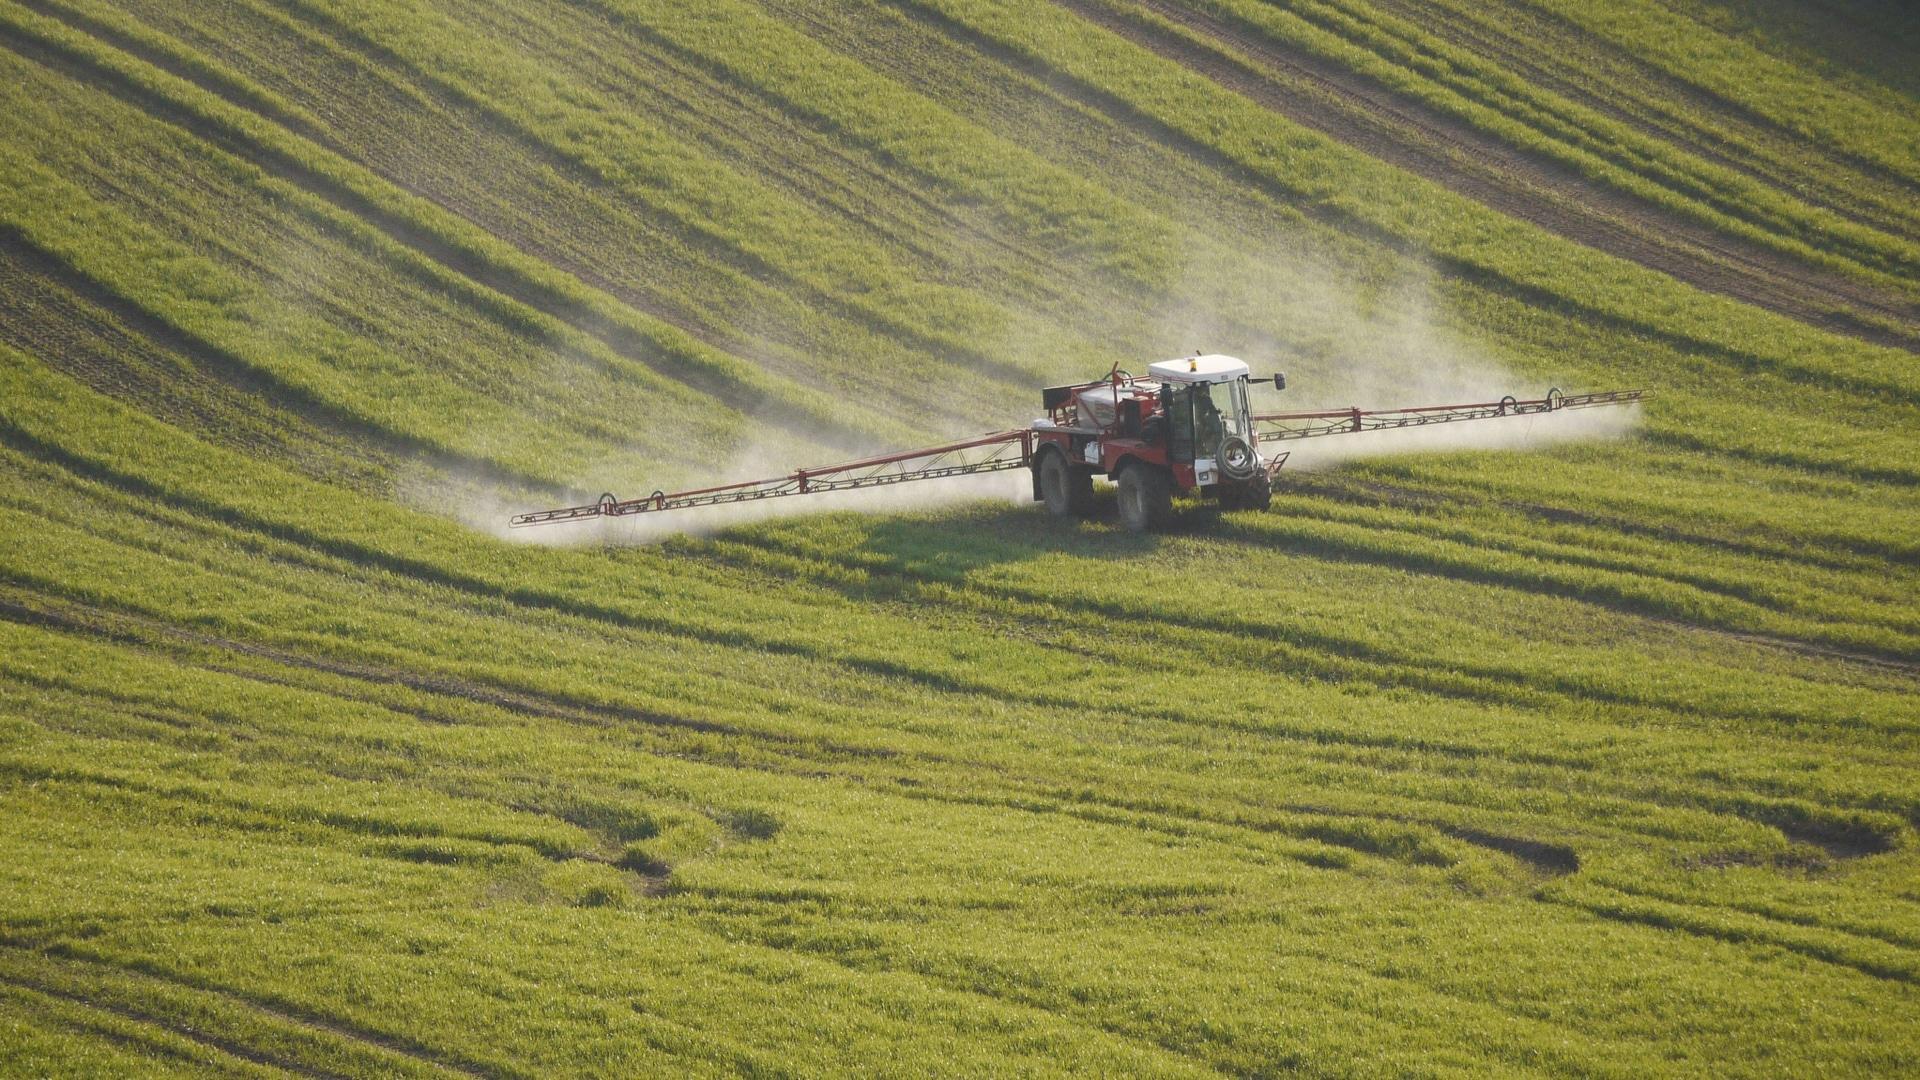 За последние 25 лет пестициды стали более токсичными для беспозвоночных